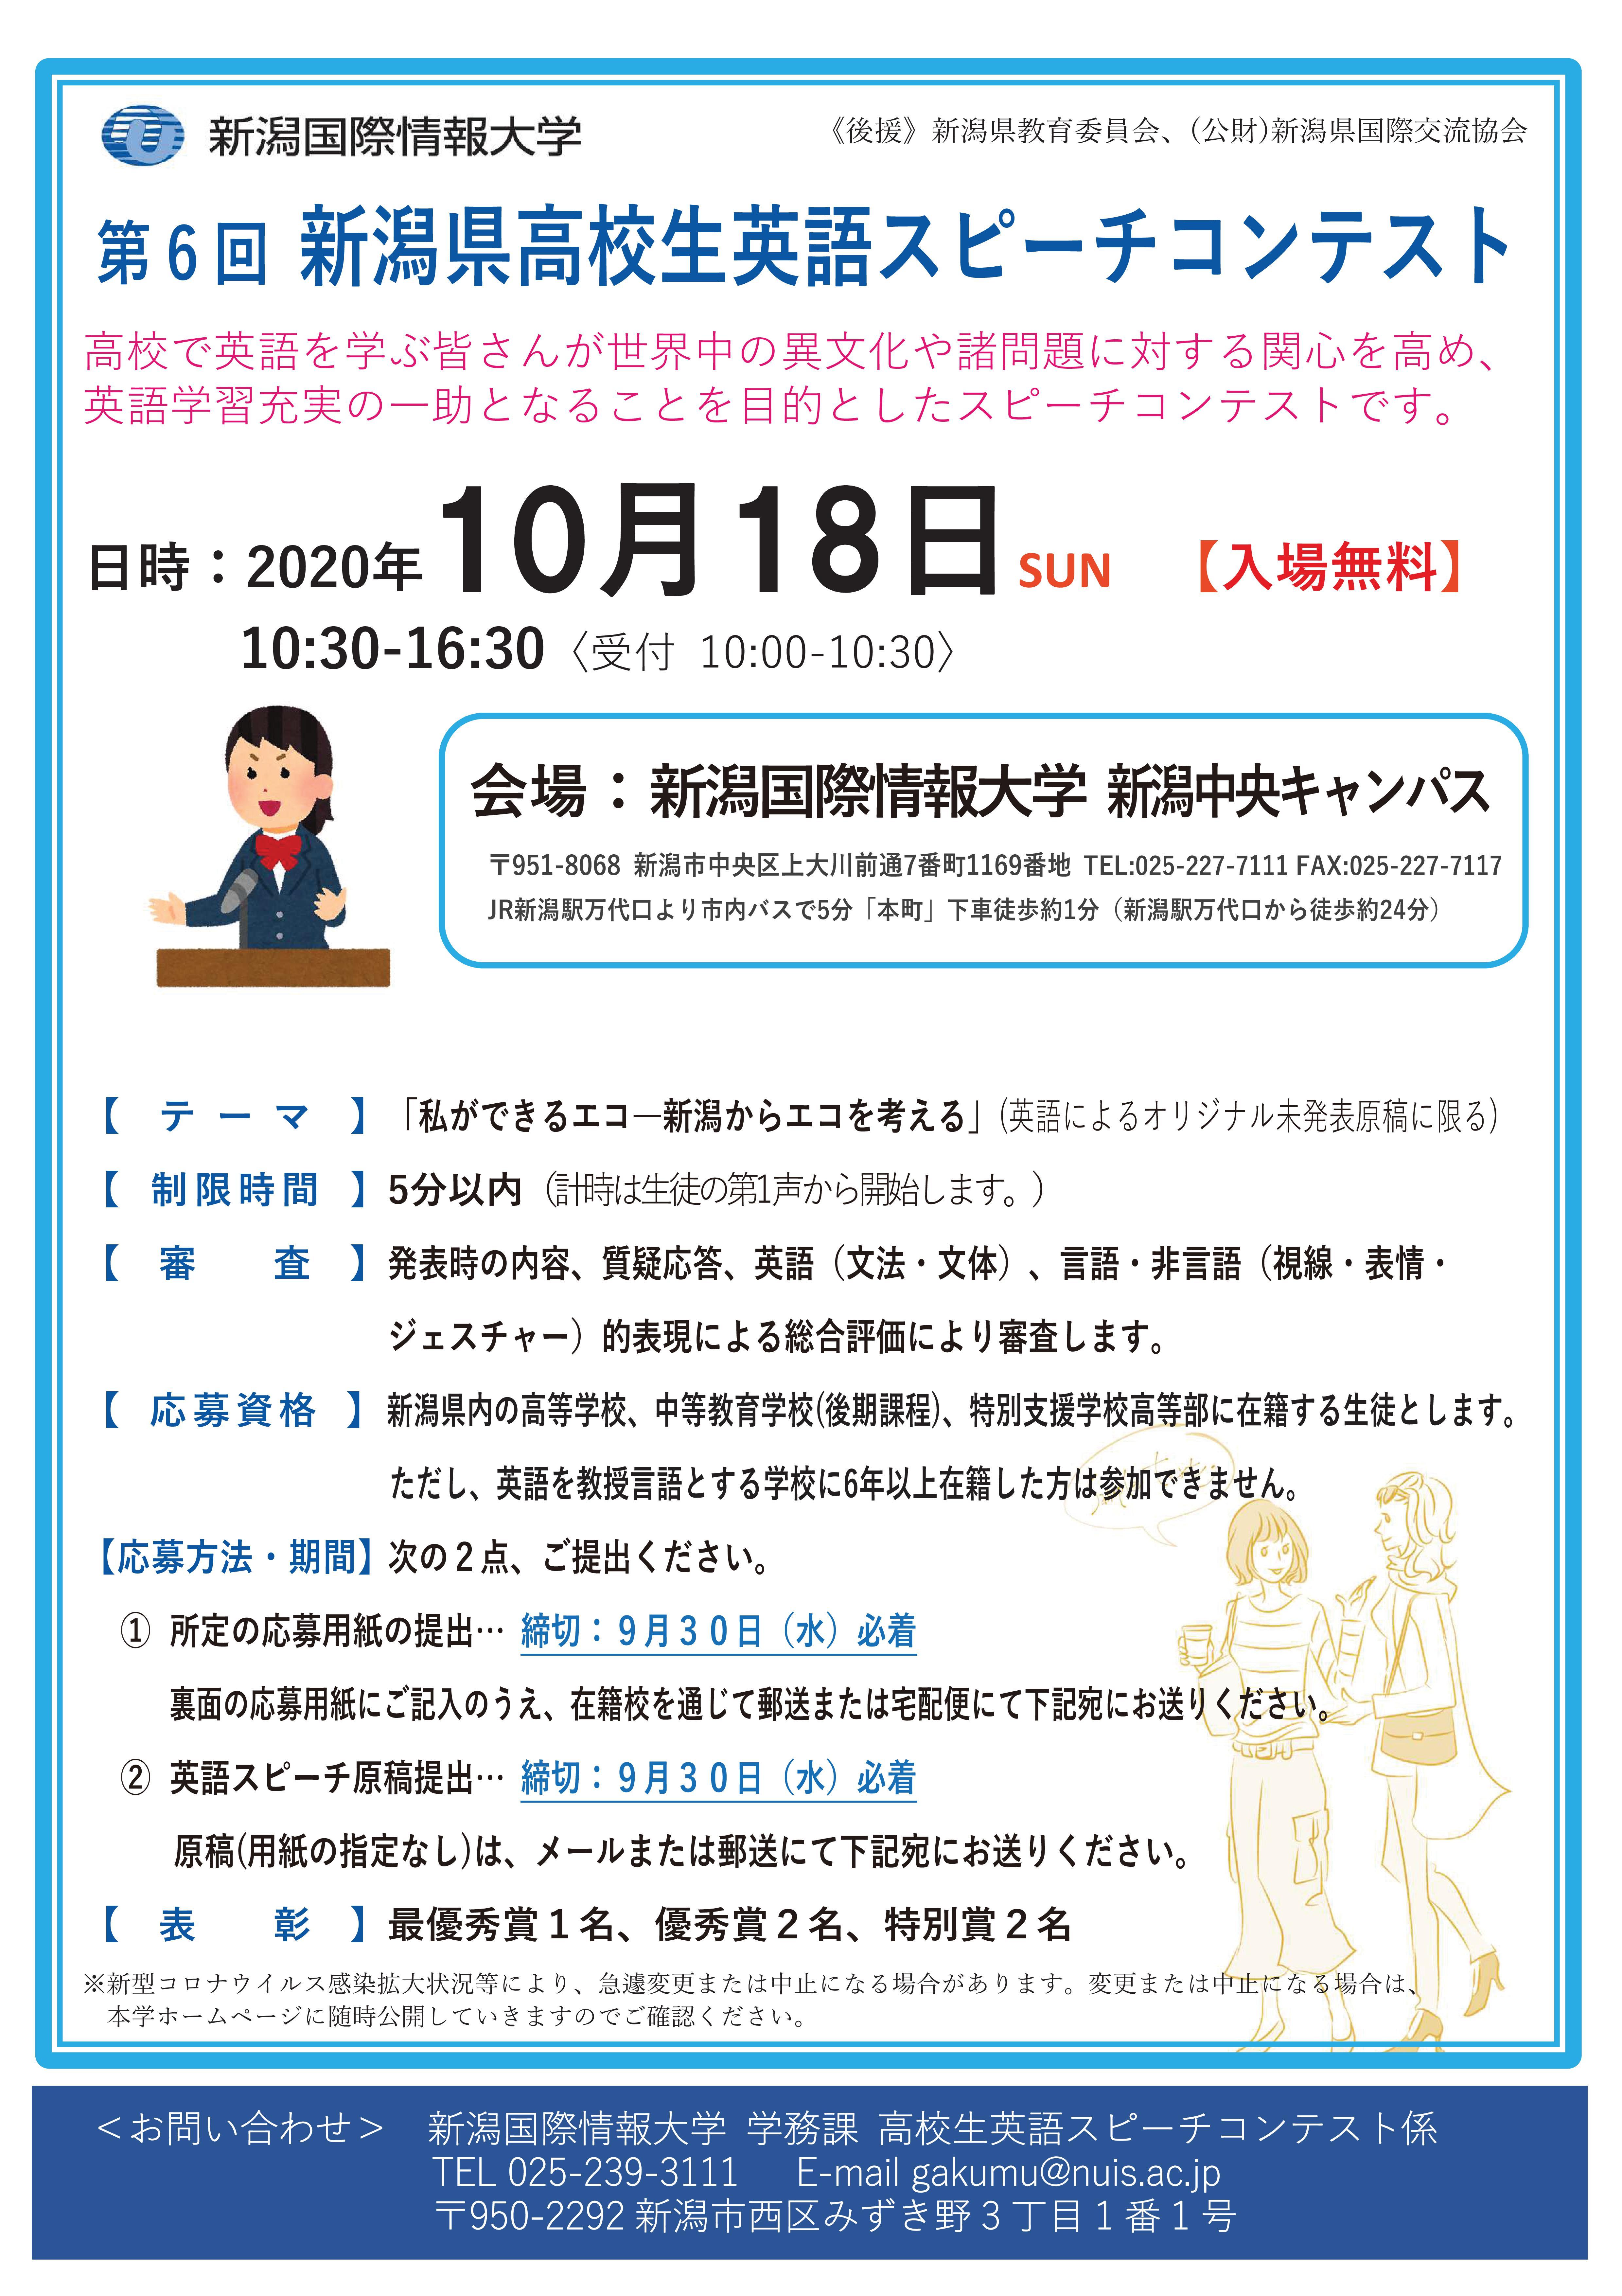 会 新潟 県 教育 委員